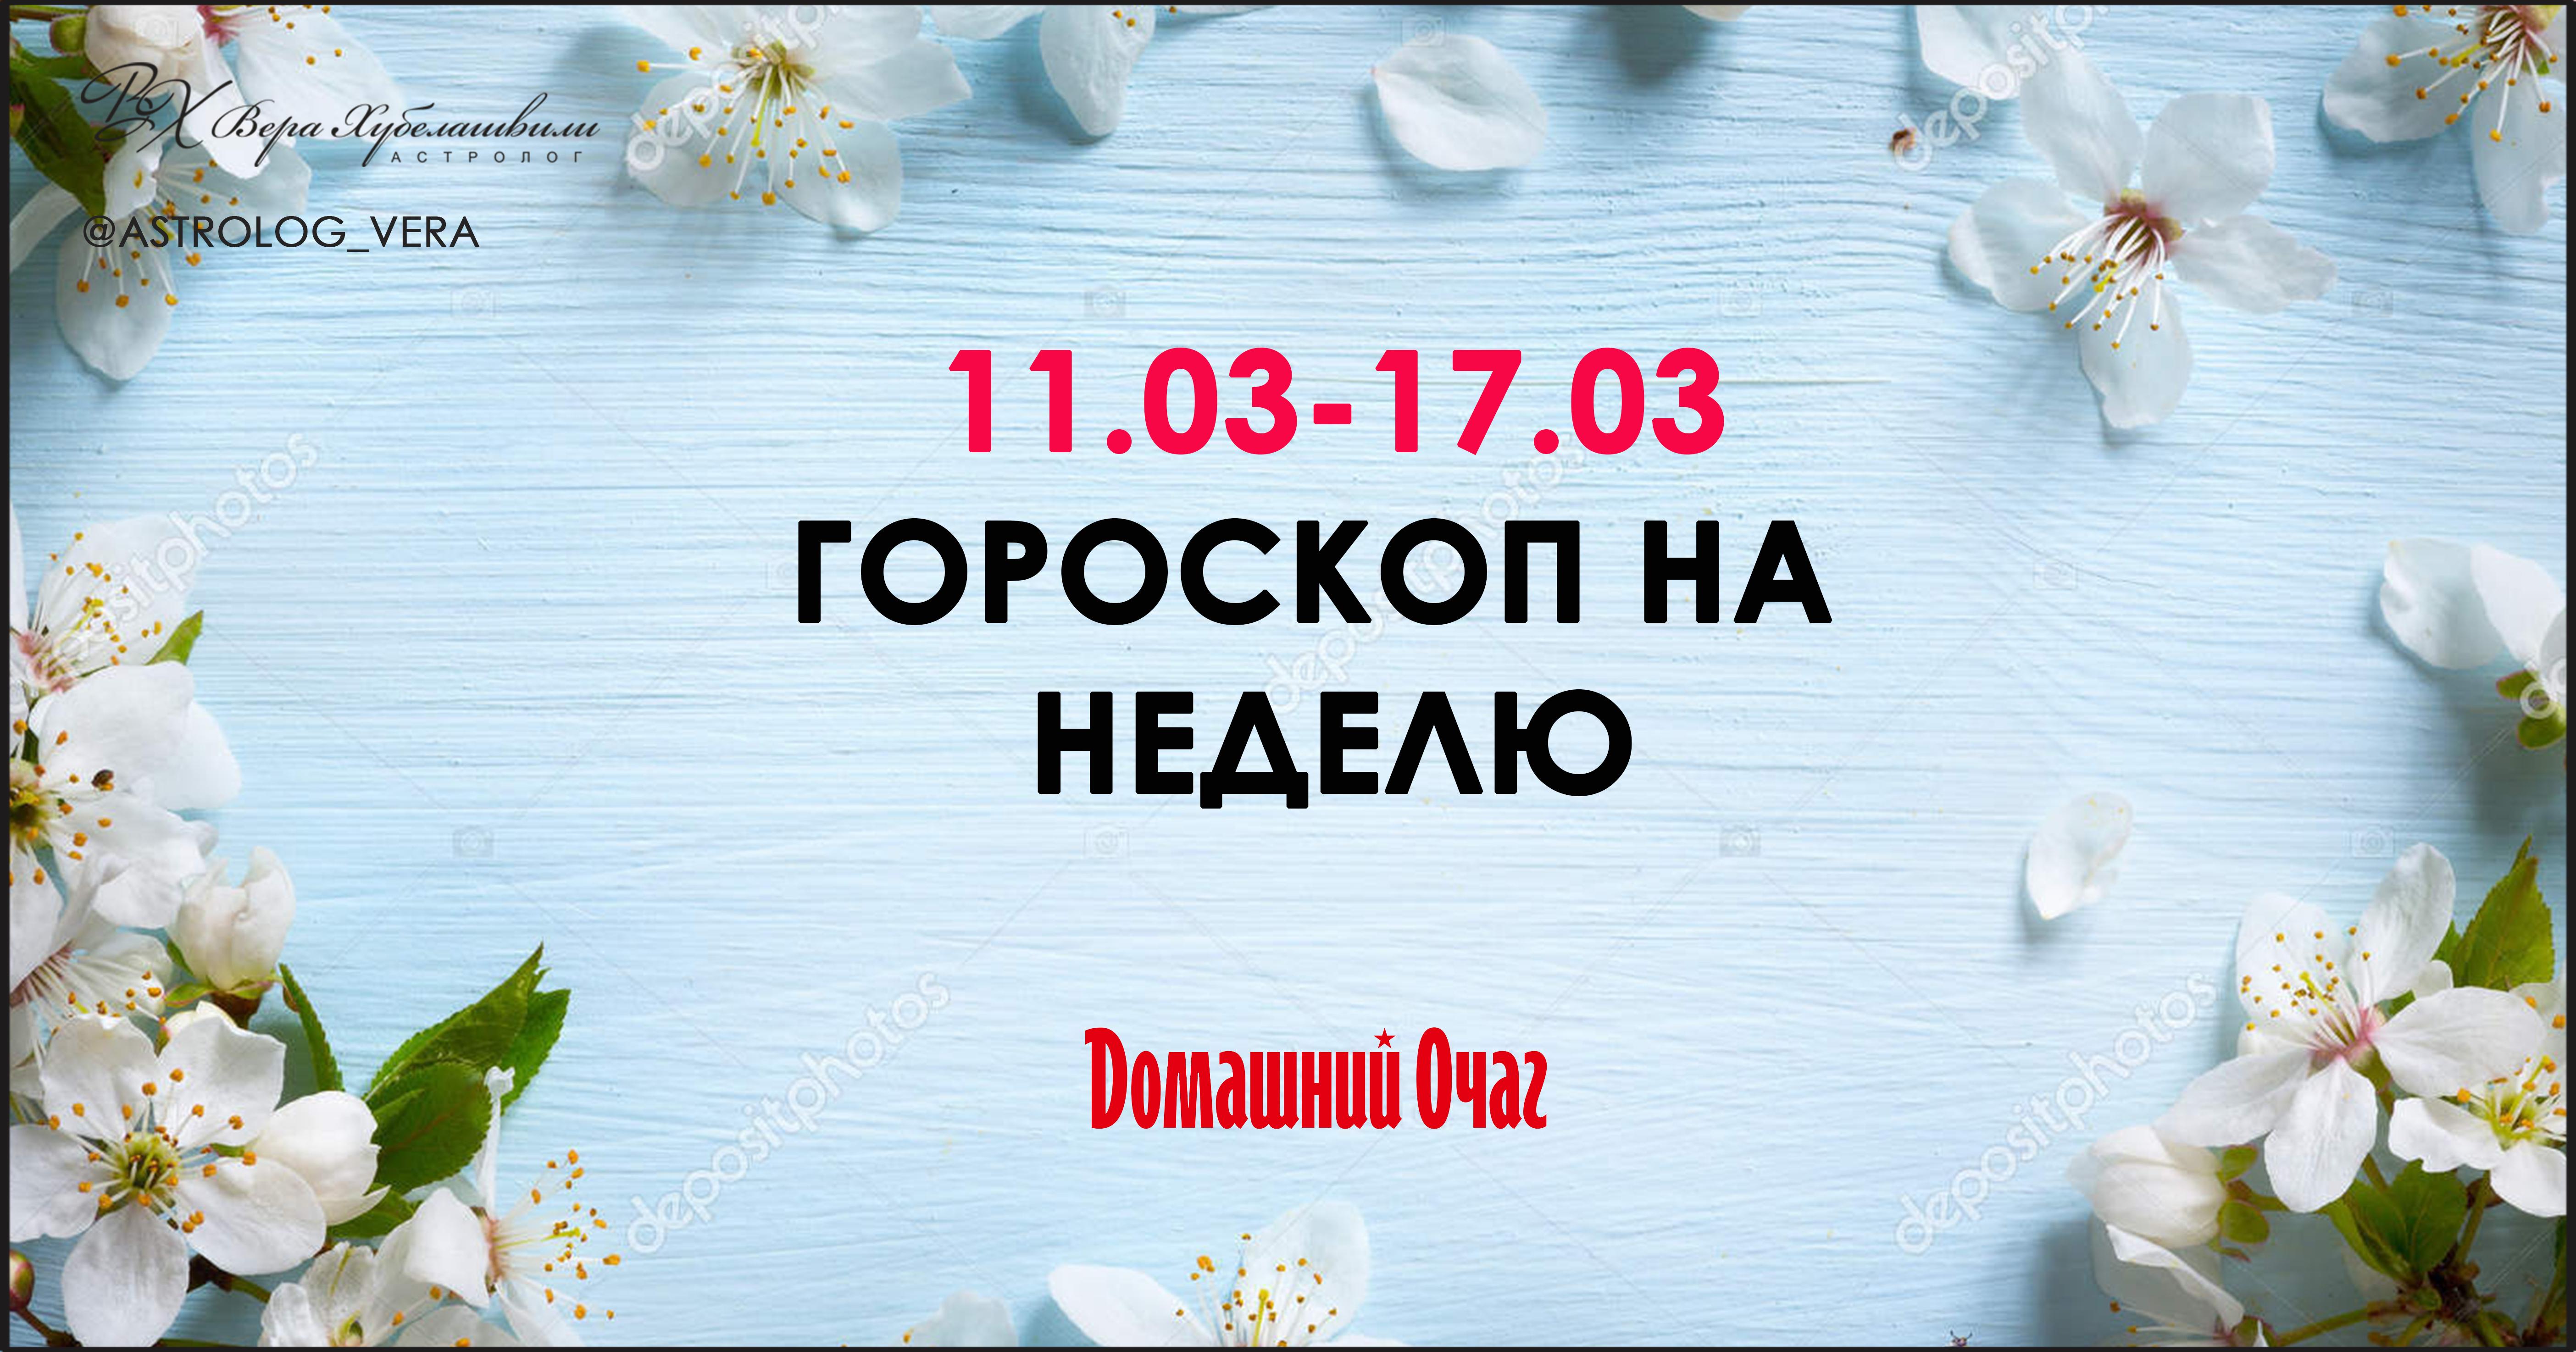 АСТРОЛОГИЧЕСКИЙ ПРОГНОЗ 11 МАРТА - 17 МАРТА 2019 (ДОМАШНИЙ ОЧАГ)